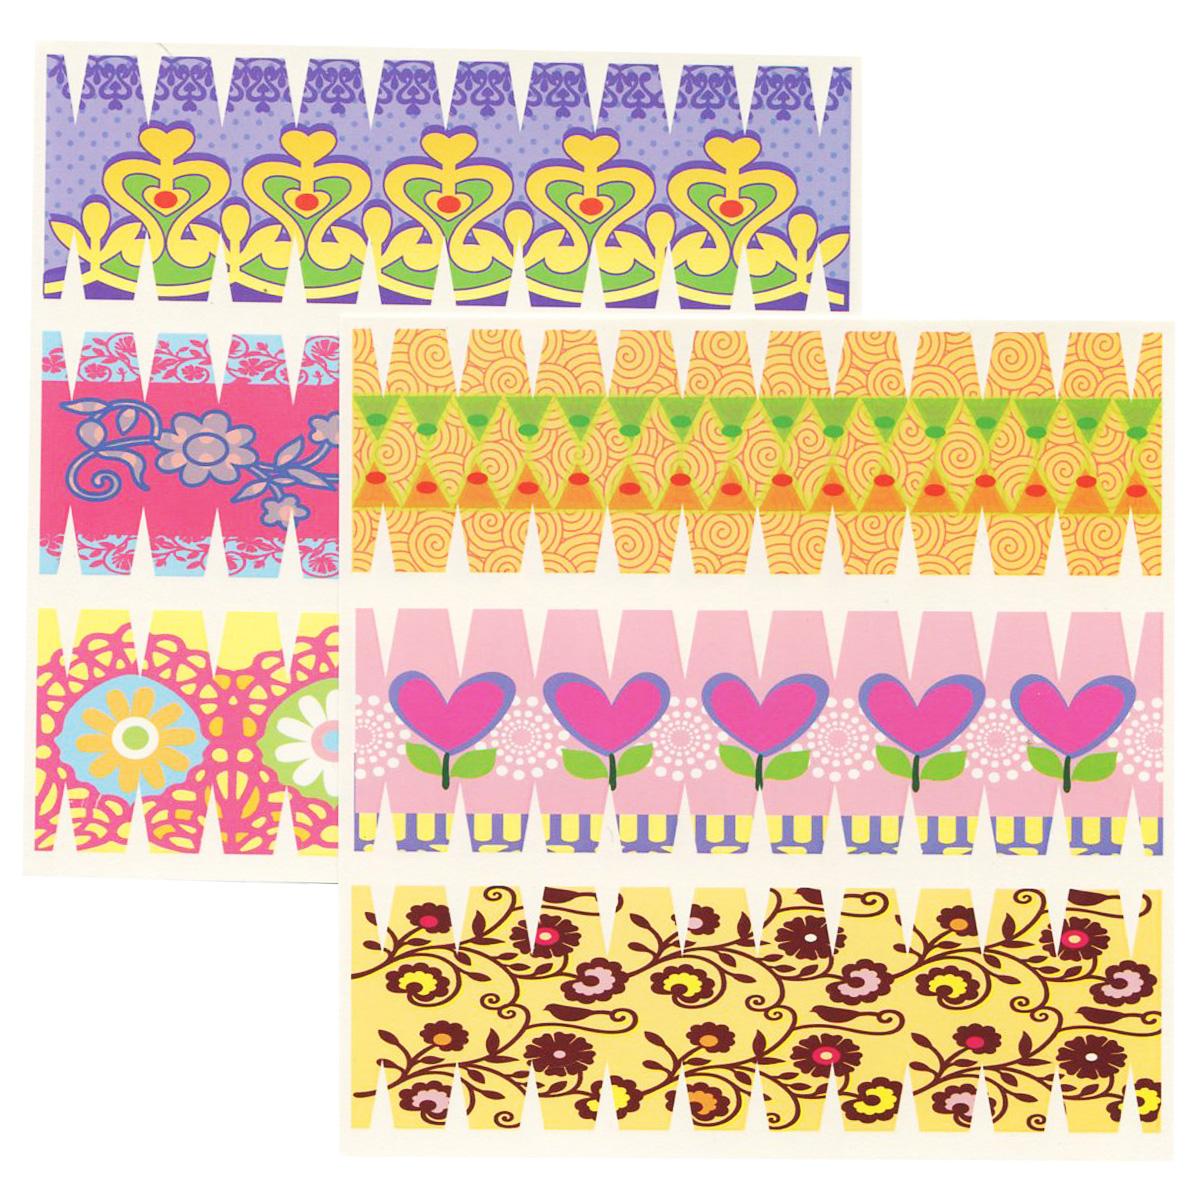 Набор переводных наклеек для яиц Home Queen Сердечки и цветы, 6 шт60883_2Набор Home Queen Сердечки и цветы состоит из 6 переводных наклеек, которые предназначены для декорирования пасхальных яиц. Наклейки выполнены из бумаги и украшены различными узорами. Такой набор украшений создаст атмосферу праздника в вашем доме. Размер наклейки: 4,4 см х 14,5 см.